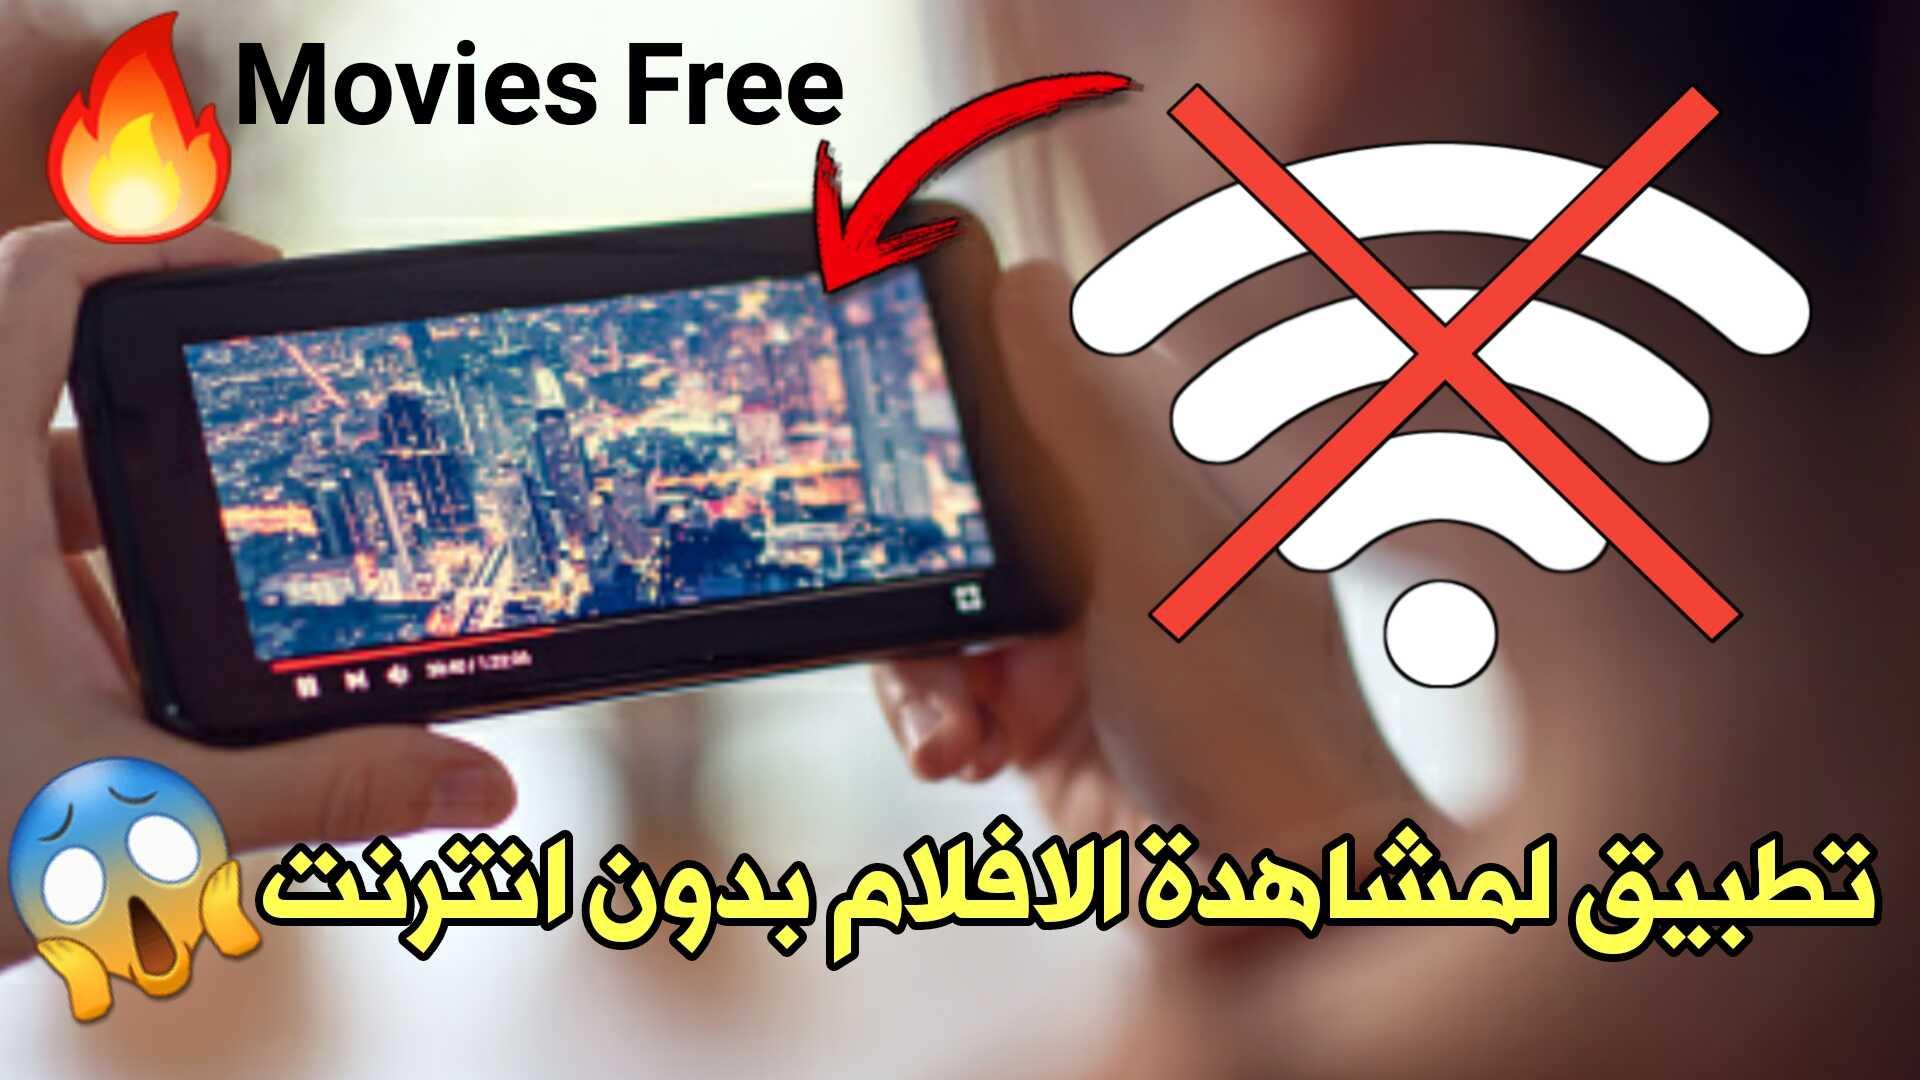 أفضل تطبيق لمشاهدة الافلام الاجنبية مع الاصدقاء بدون انترنت للاندرويد